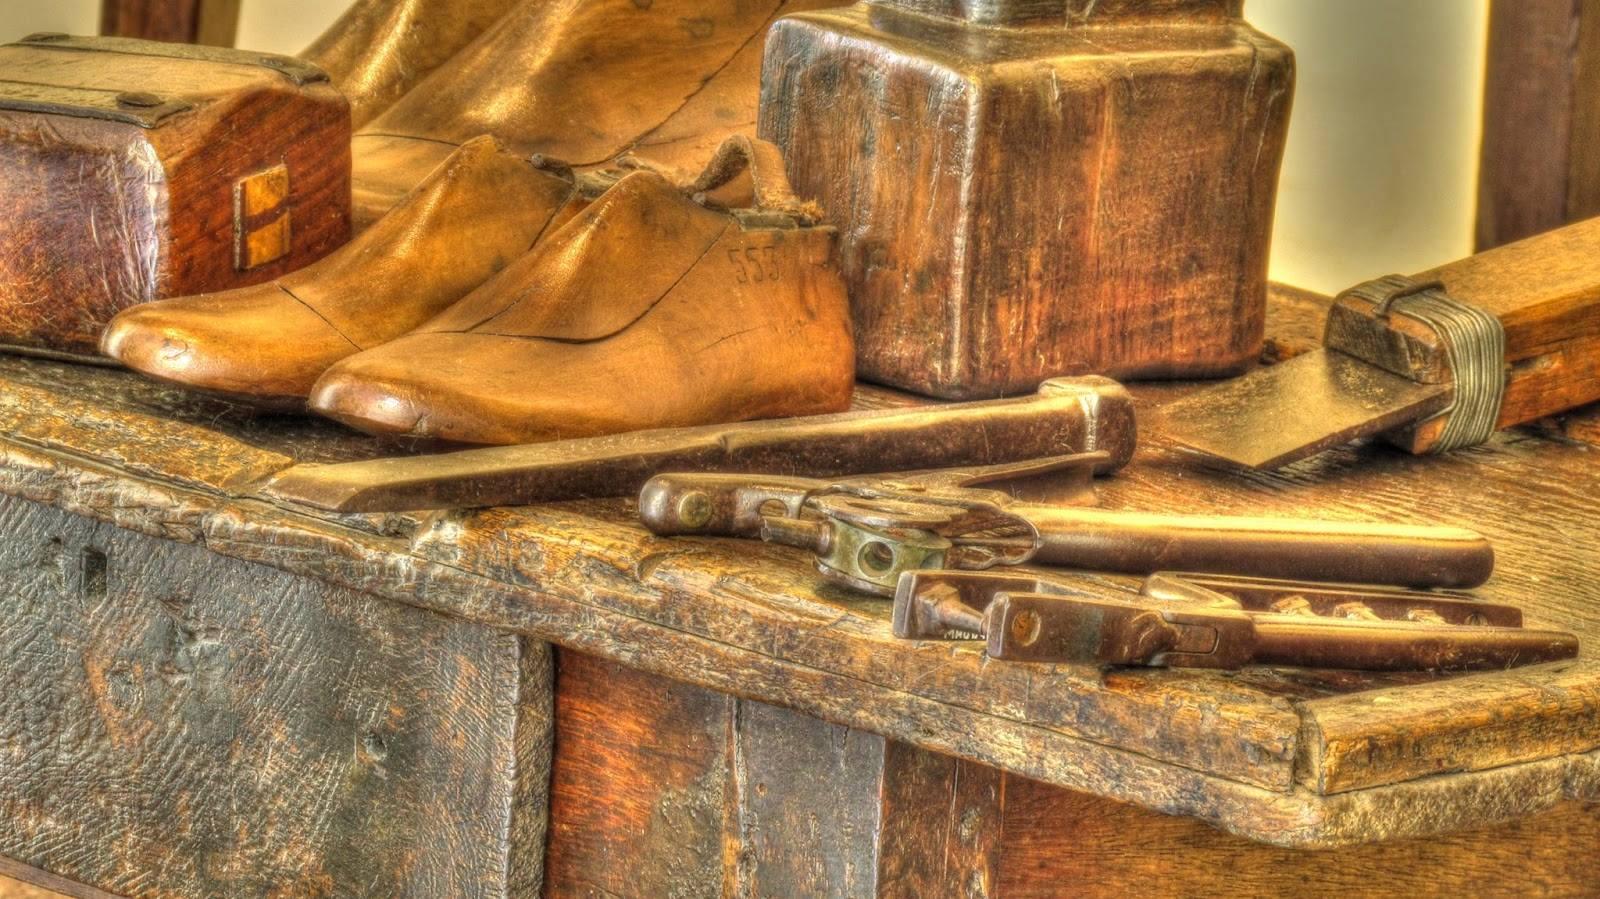 Oficina de Sapateiro- Construção artesanal de calçado